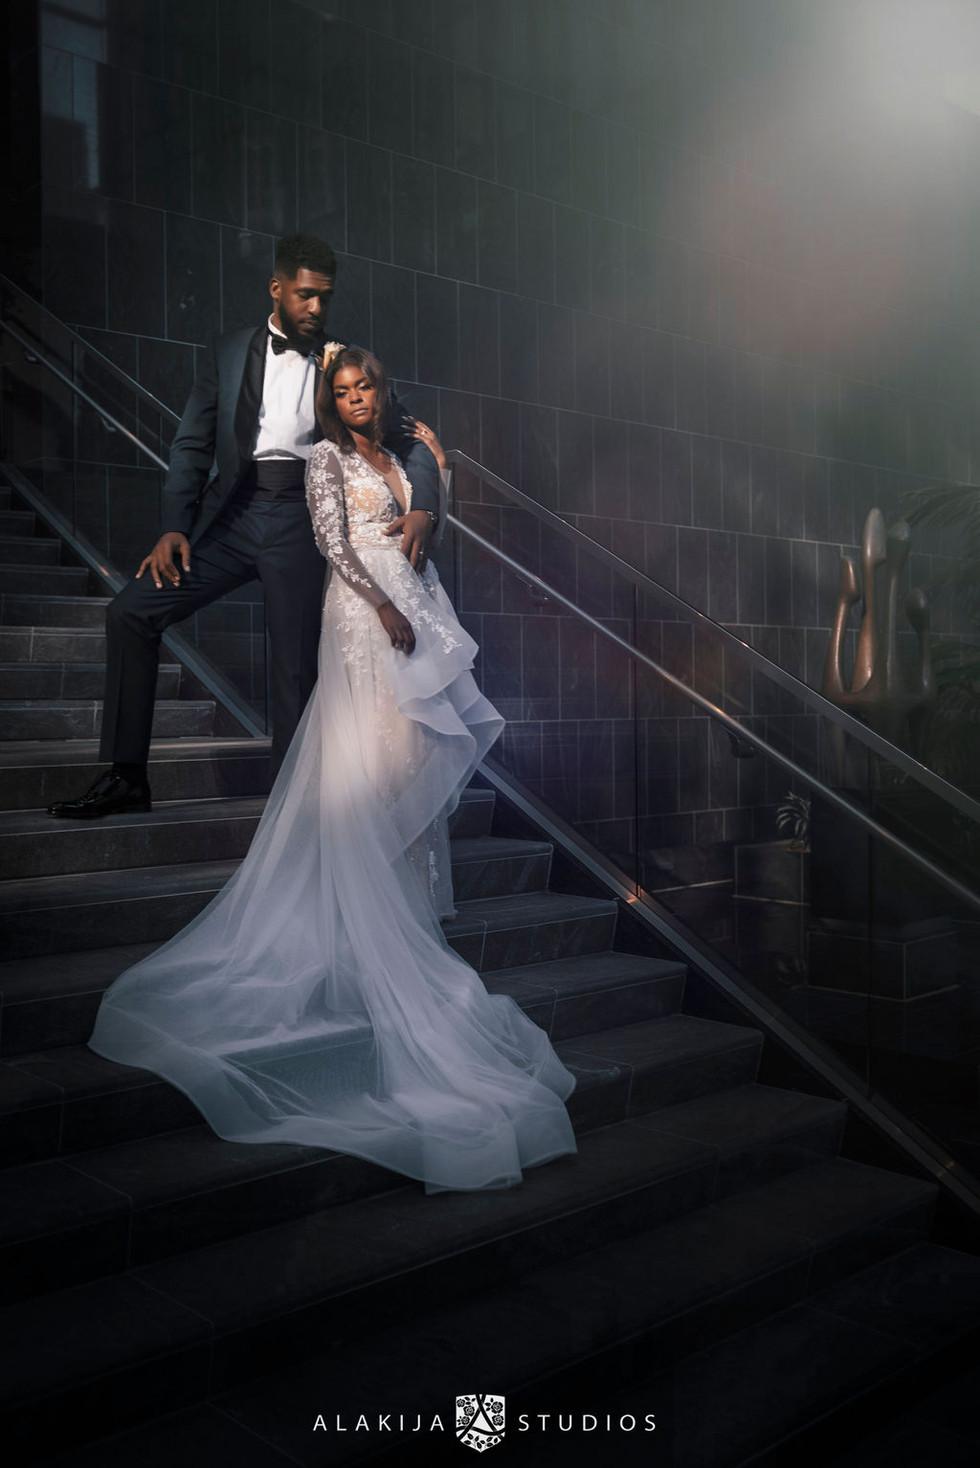 9-21-19-5-26-07PM-Wedding-JideAlakija-Fo